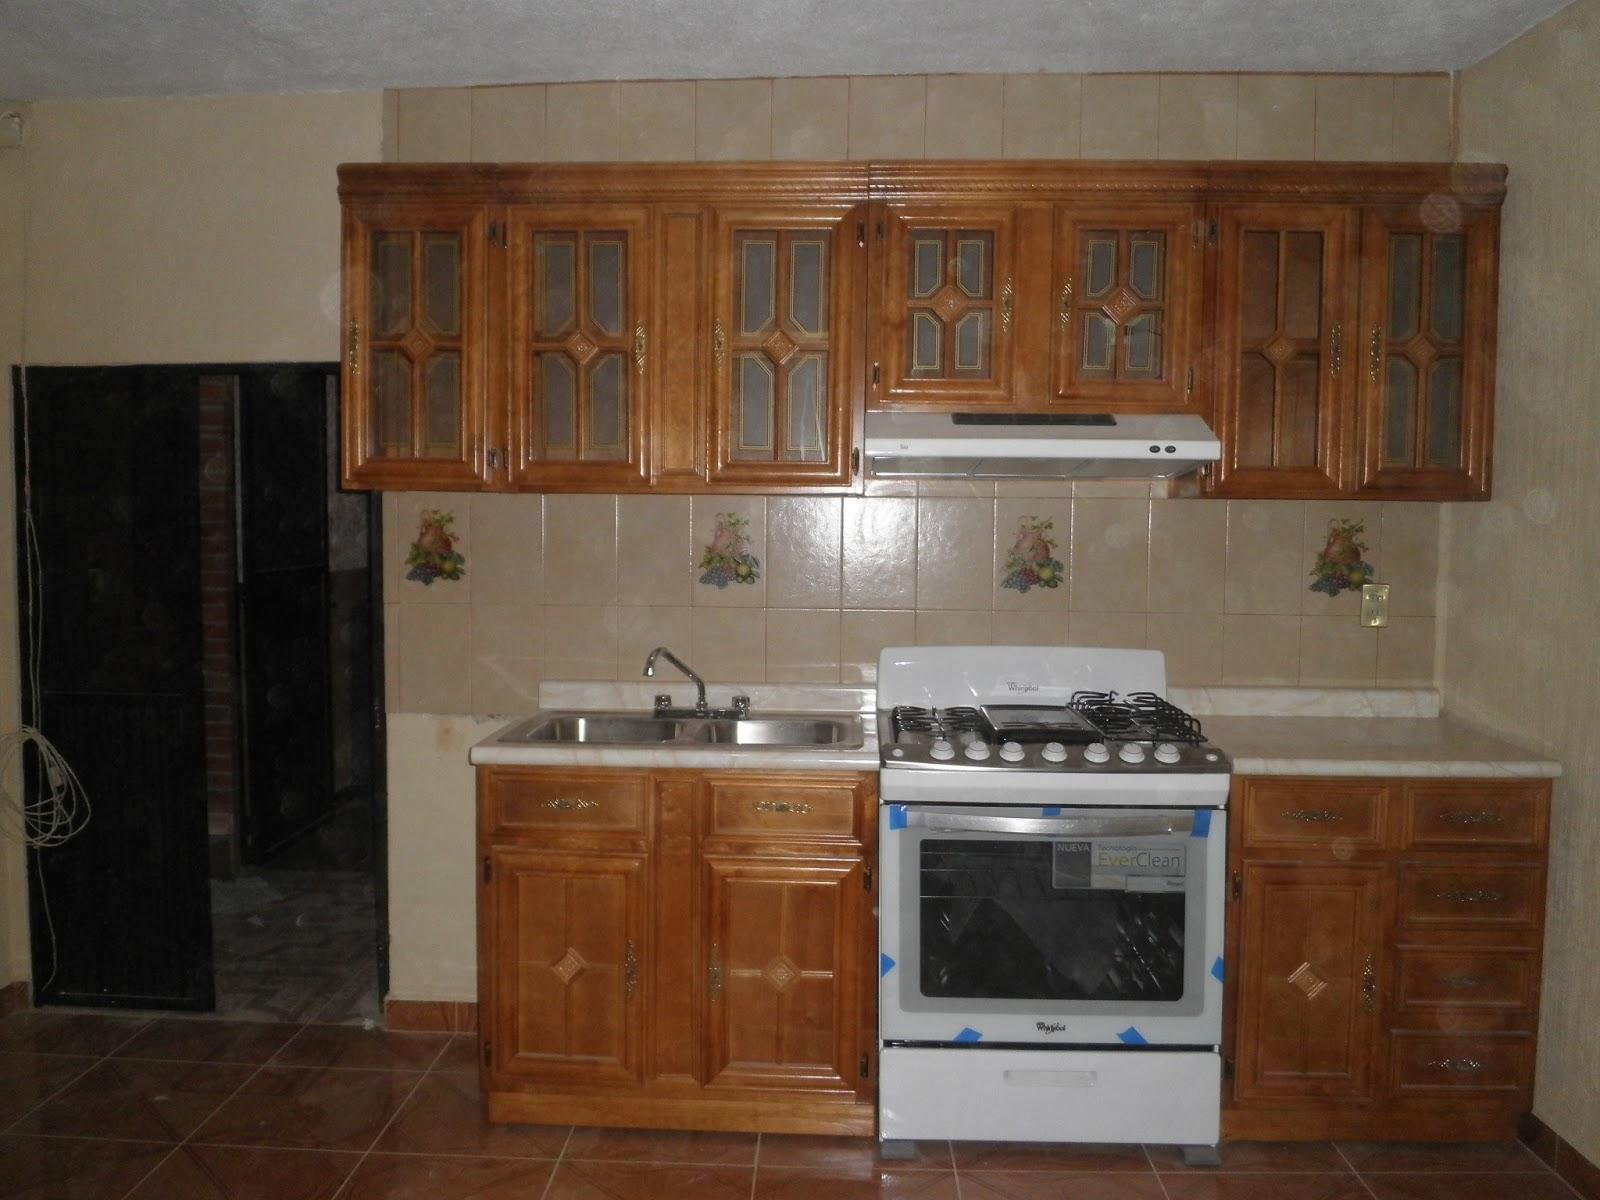 Remodelacionesjuanposadas remodelacion de cocina completa for Remodelacion de cocinas